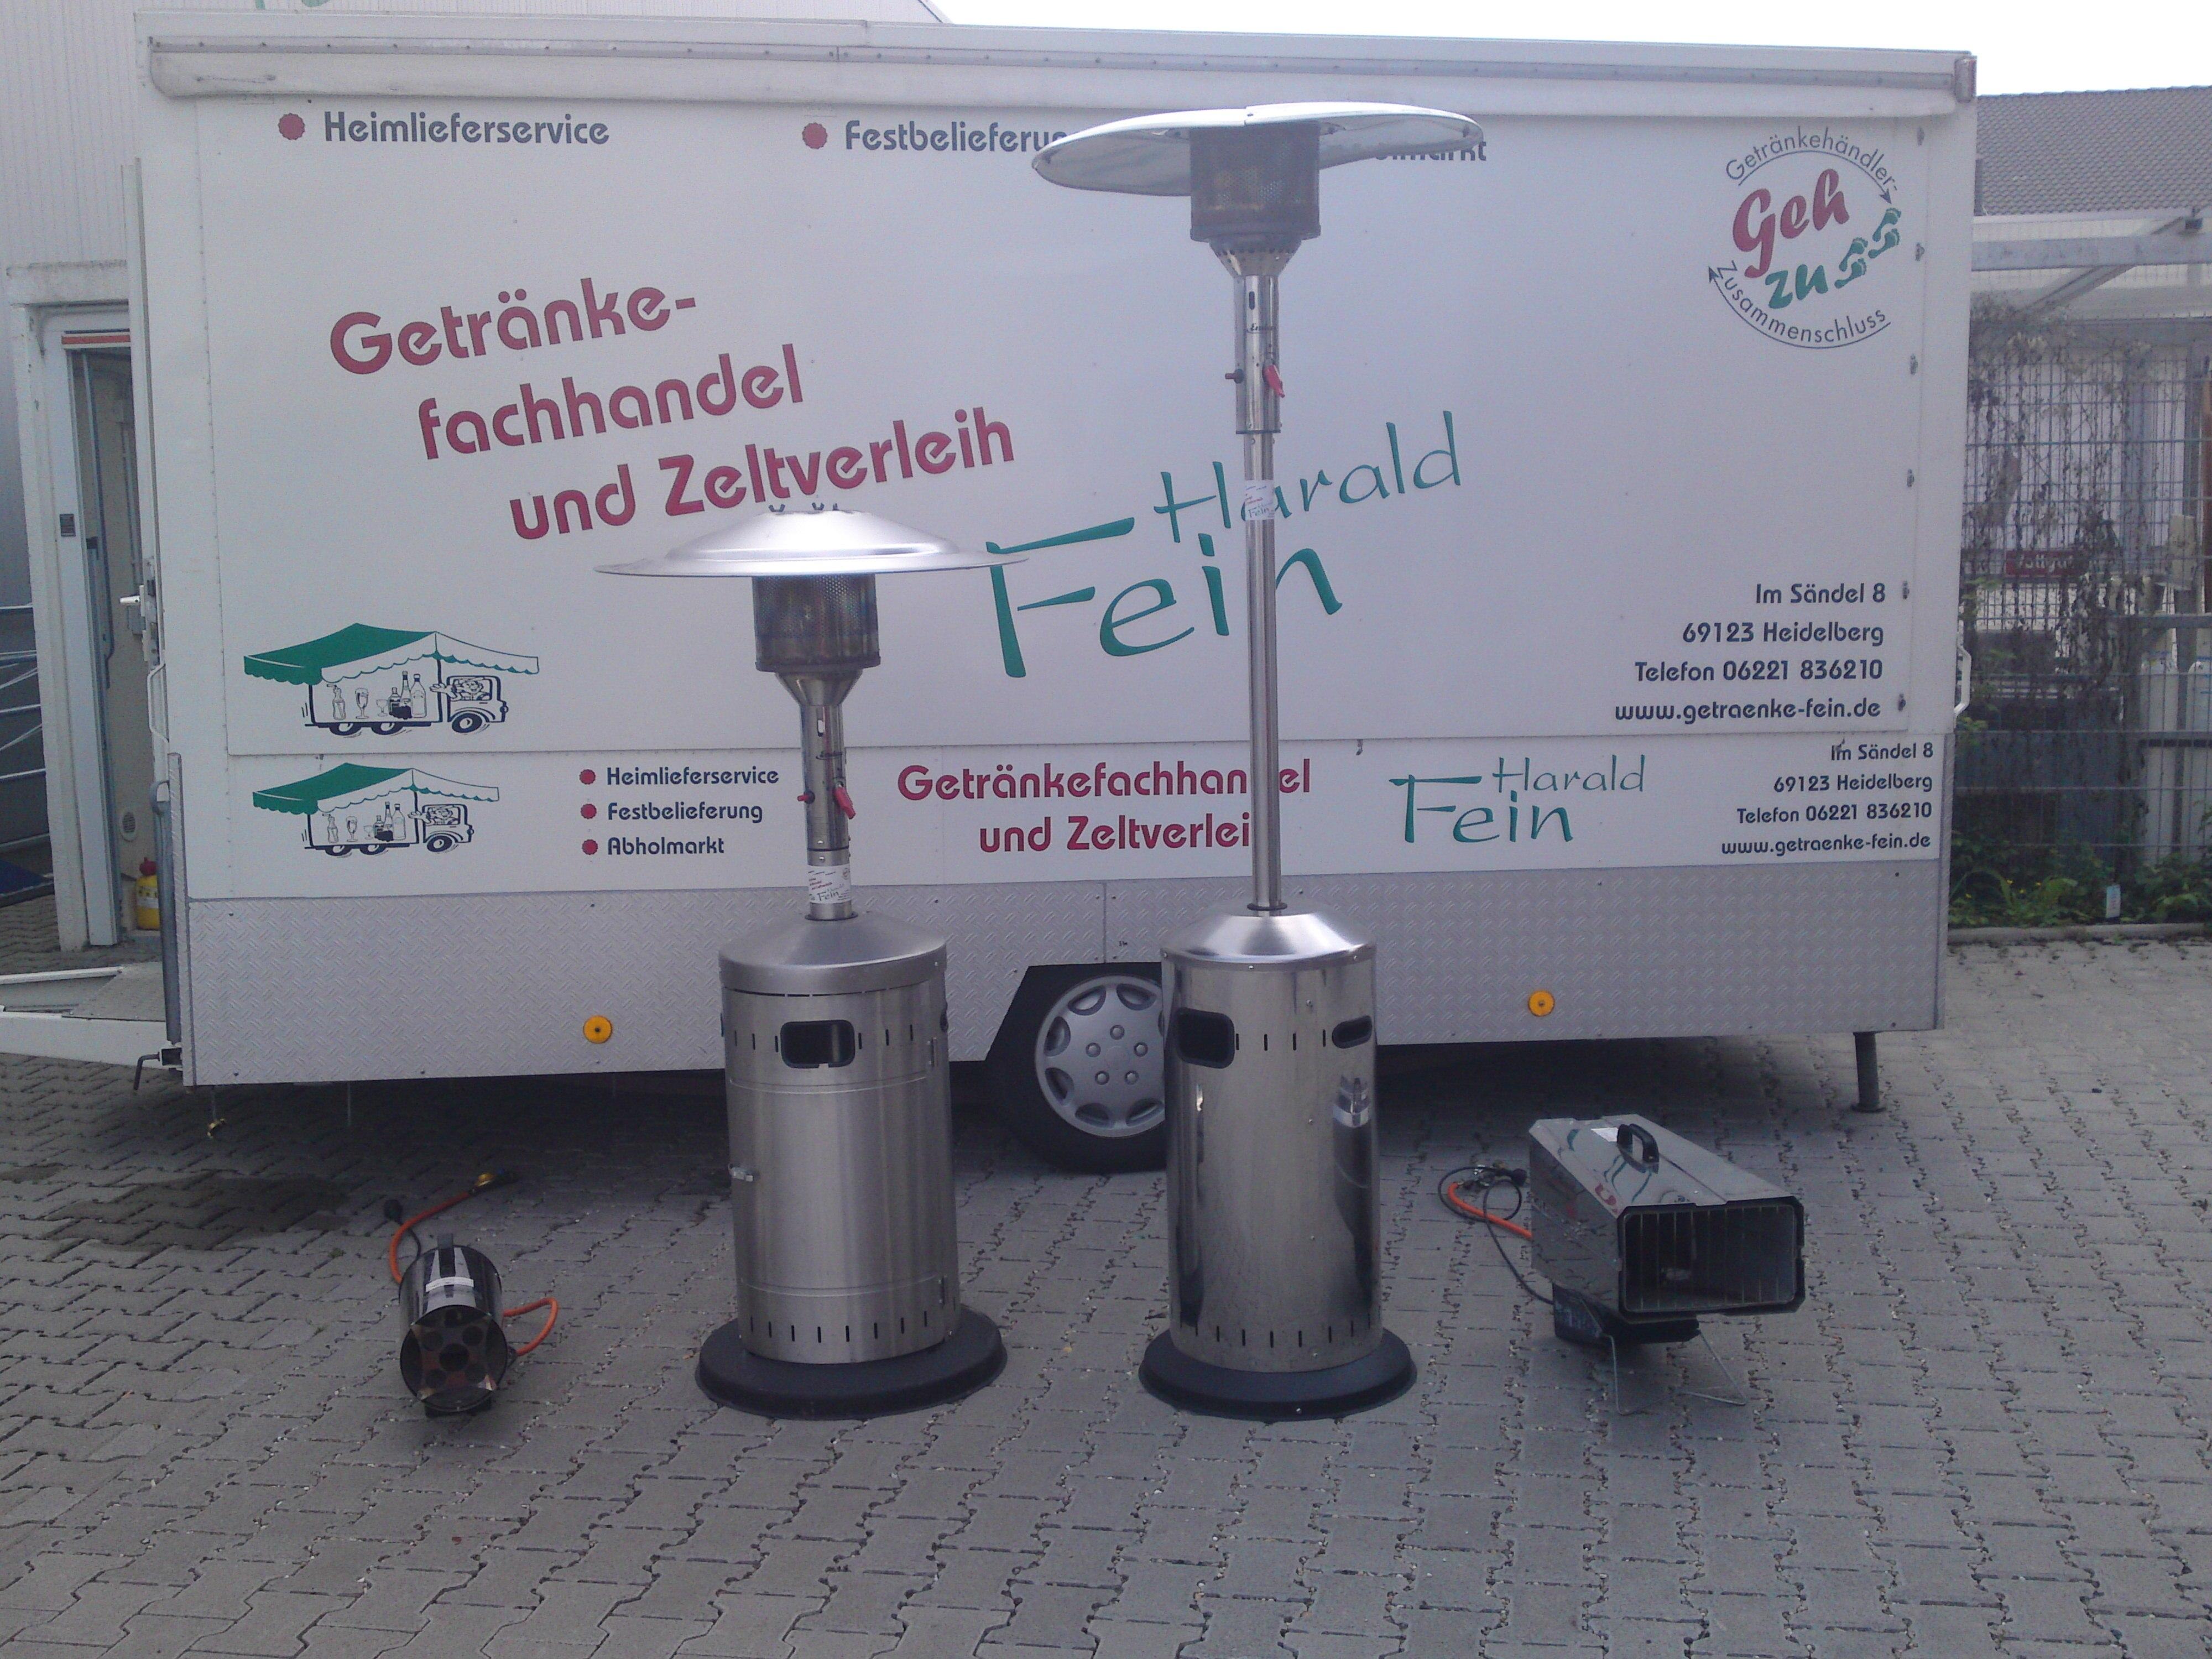 Inventar - Getränkefachhandel und Zeltverleih Harald Fein